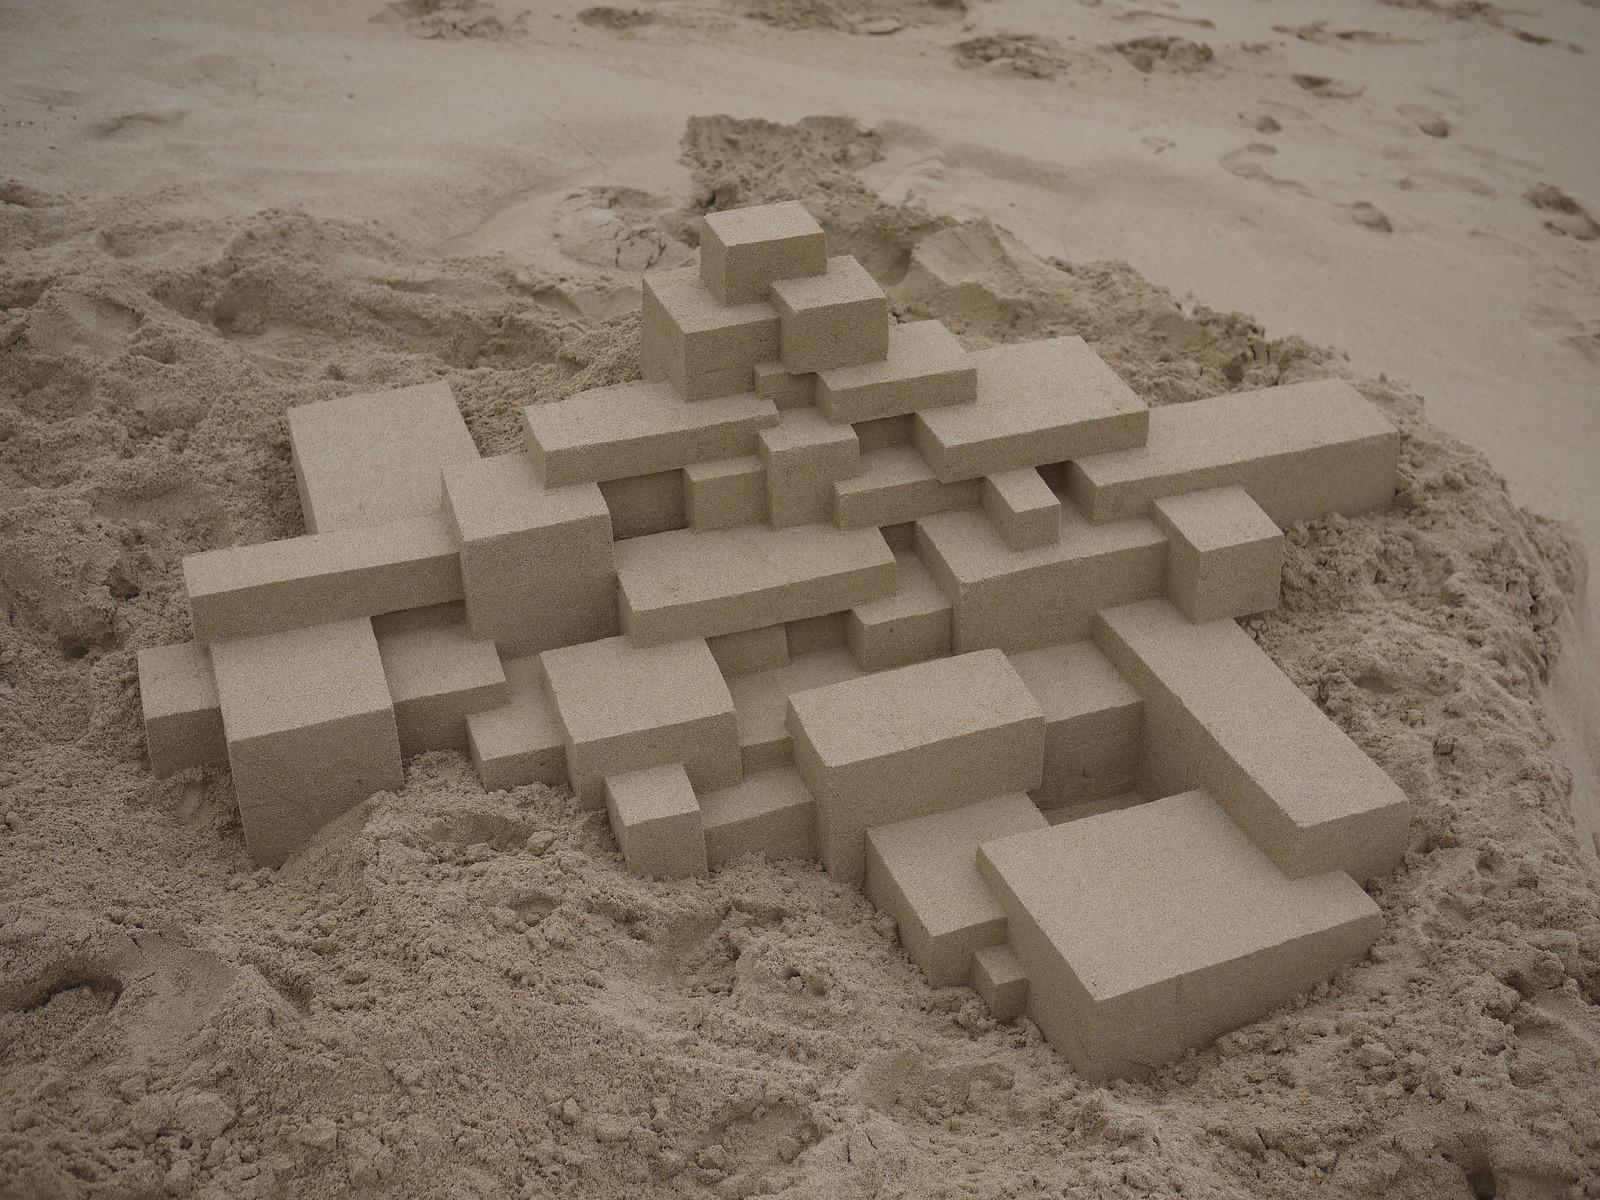 sand-castles-calvin-seibert- 10